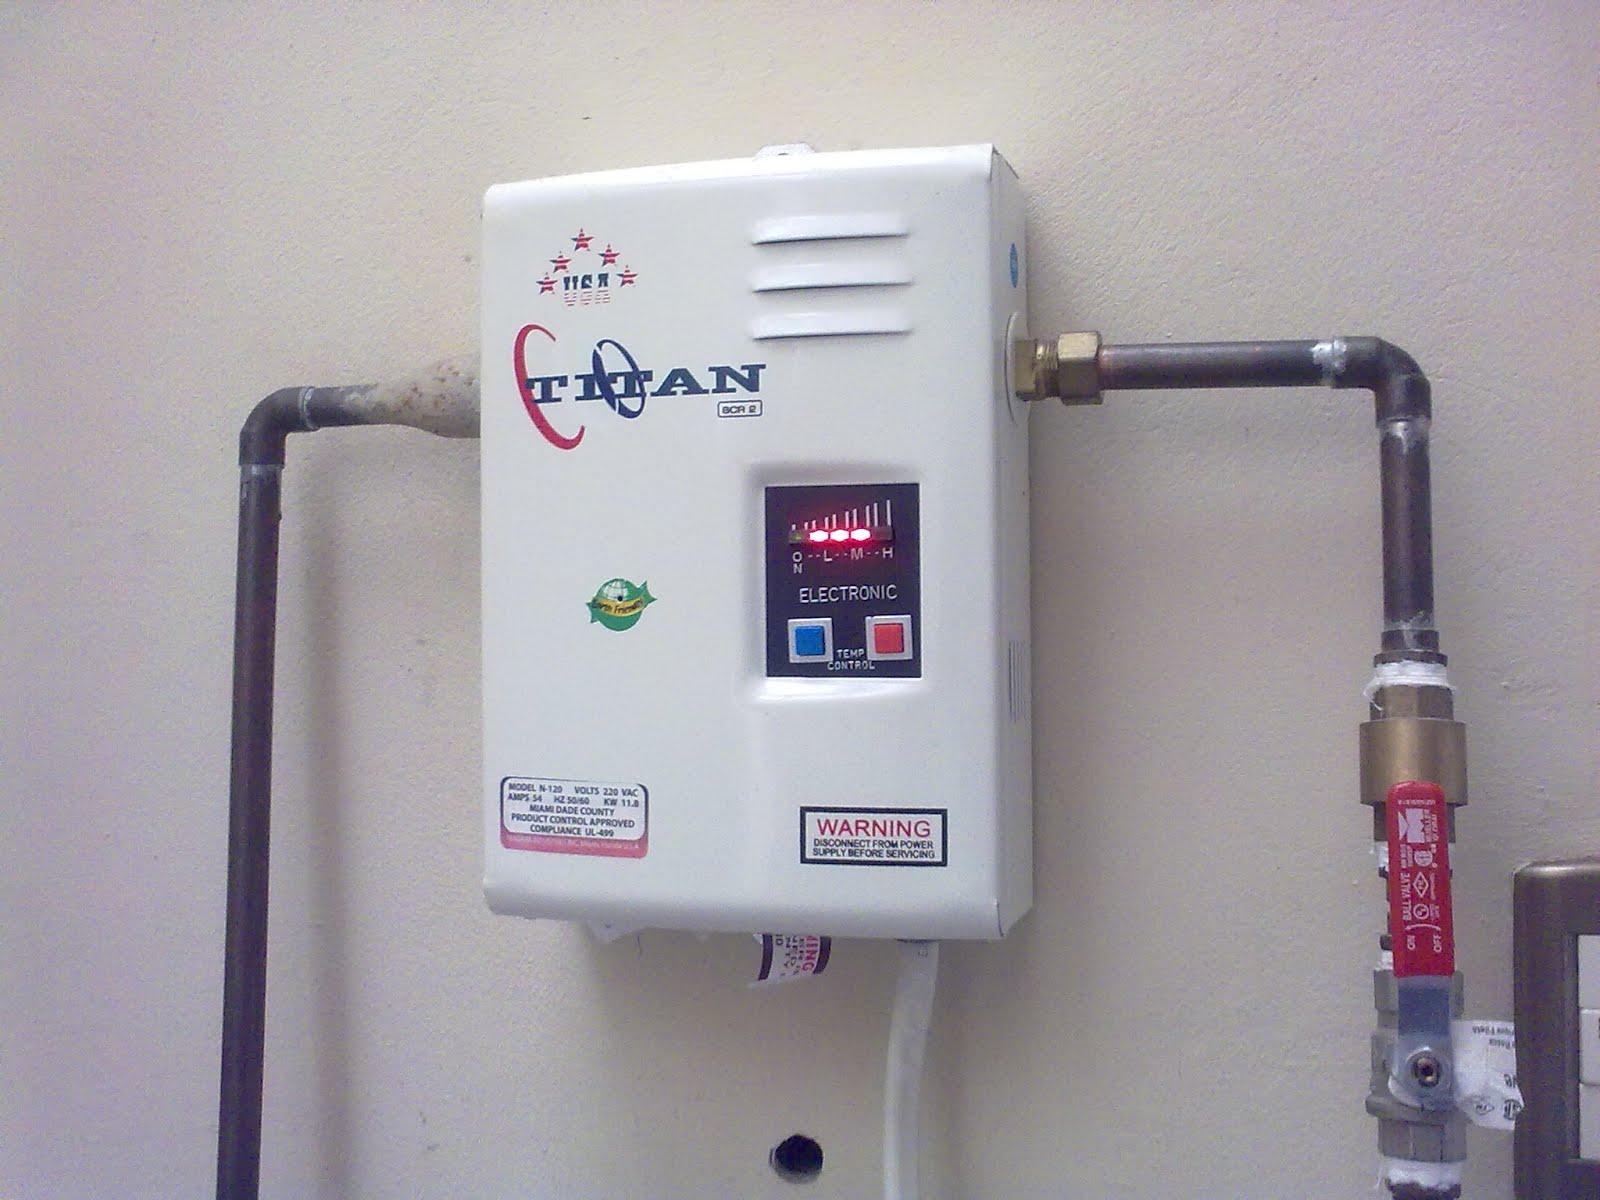 Reparaci n de calentadores de agua titan - Calentador electrico de agua precio ...